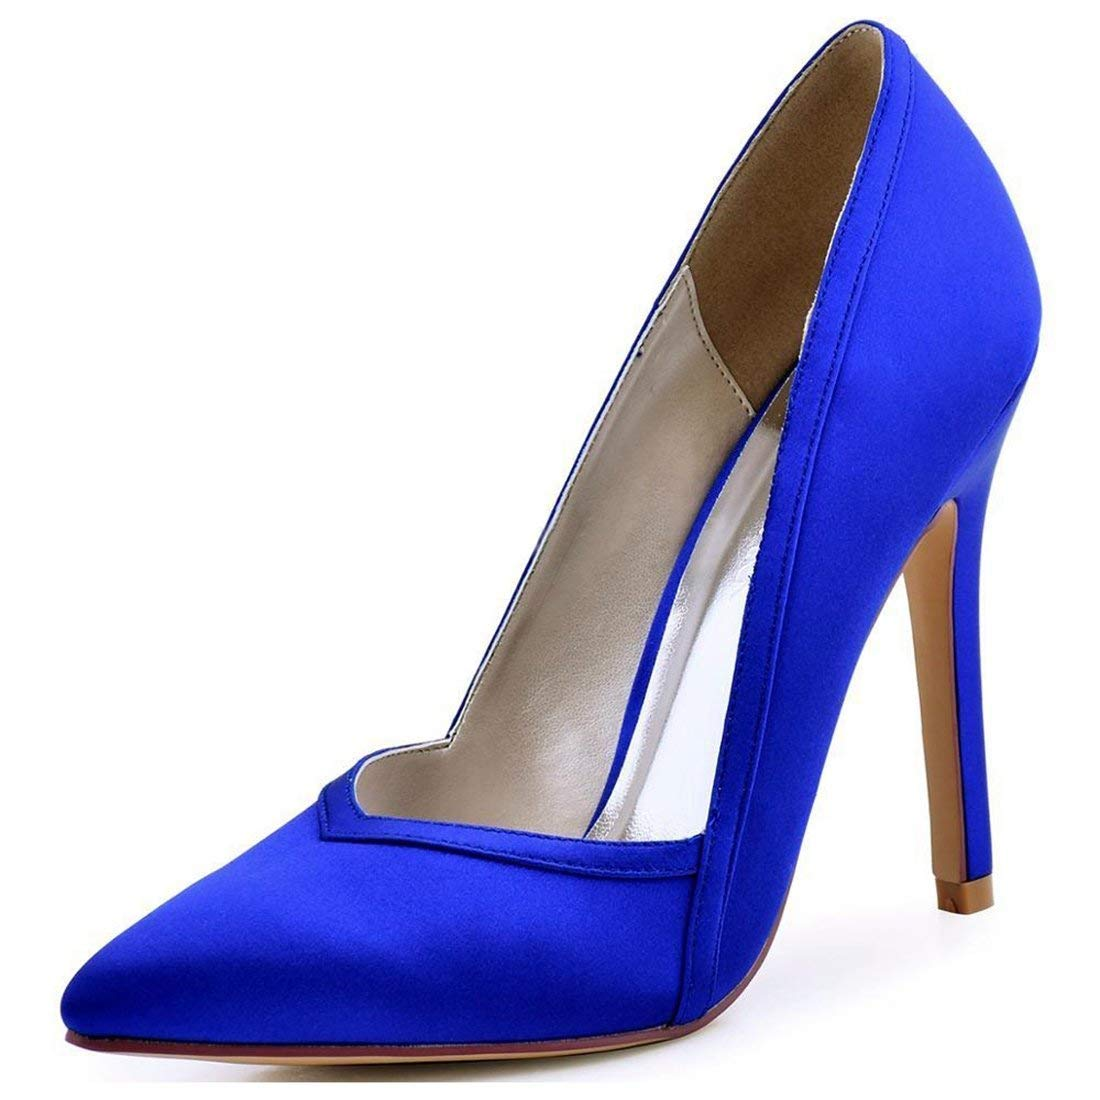 Damen Spitz Stiletto High Heel Blau Satin Hochzeit Abend Pumps UK 3 (Farbe   -, Größe   -)